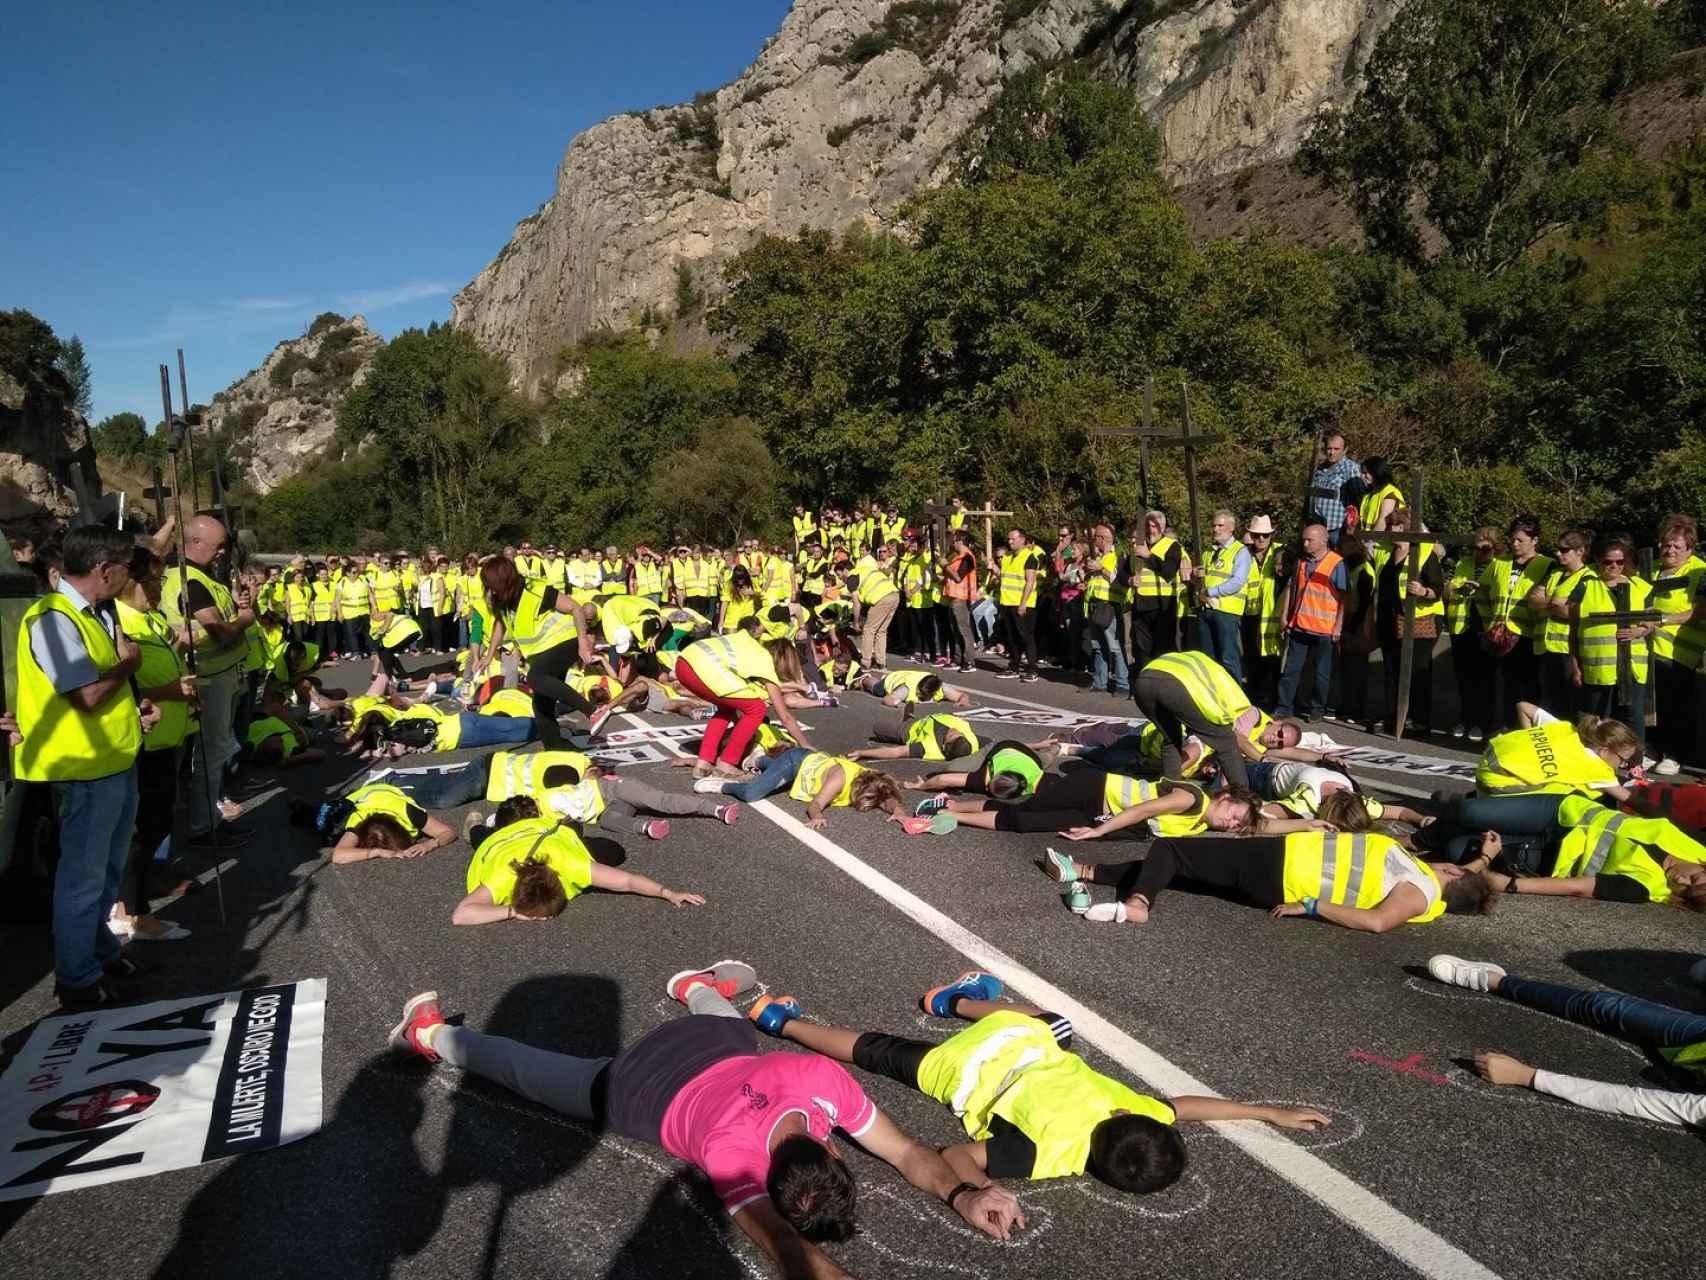 Fresno de Rodilla, golpeado por la 'carretera de la muerte'